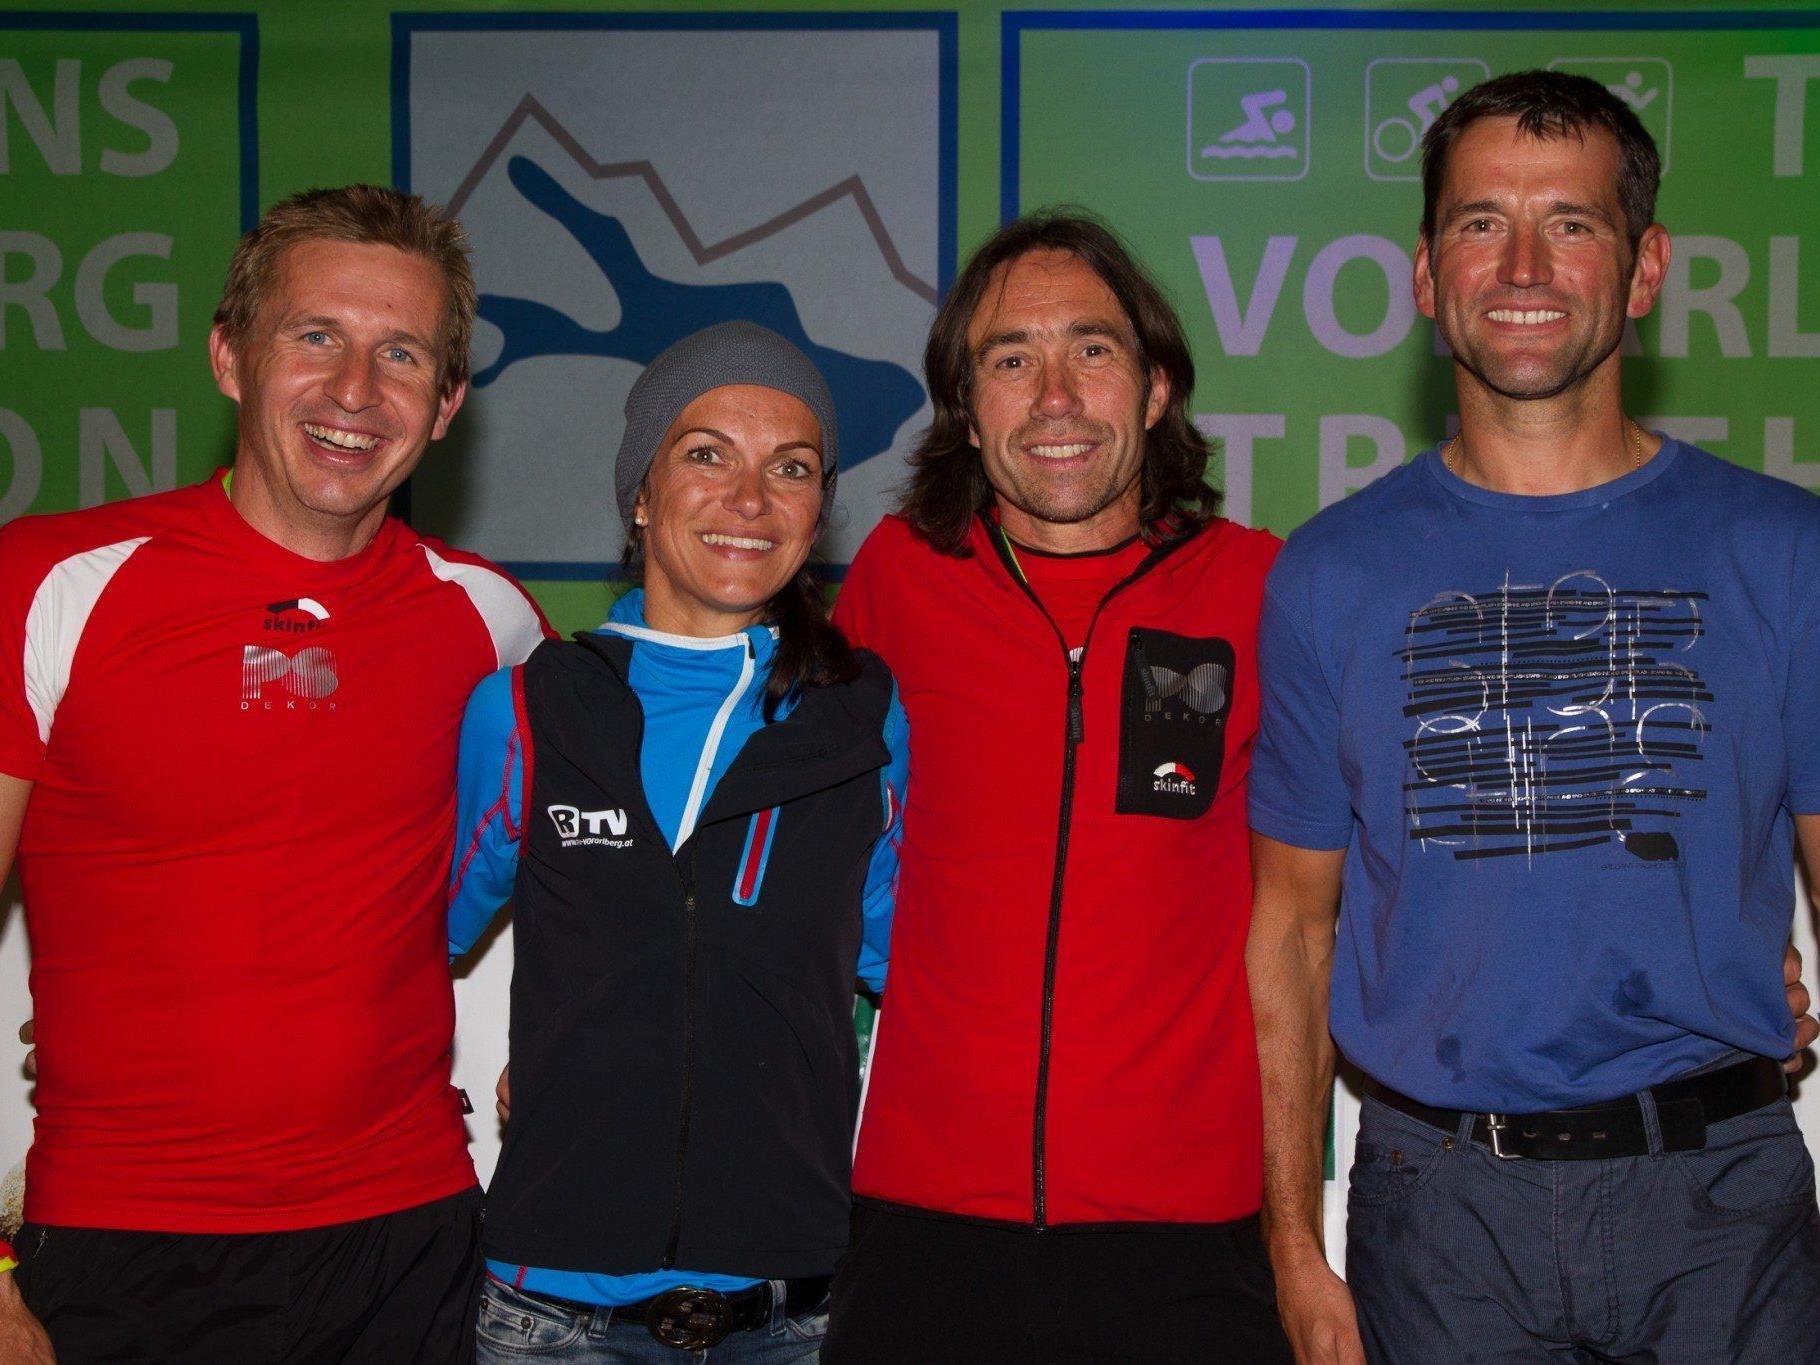 Im Bild: Martin Meusburger, Sandra Urrach, Hugo Comper und Martin Muxel